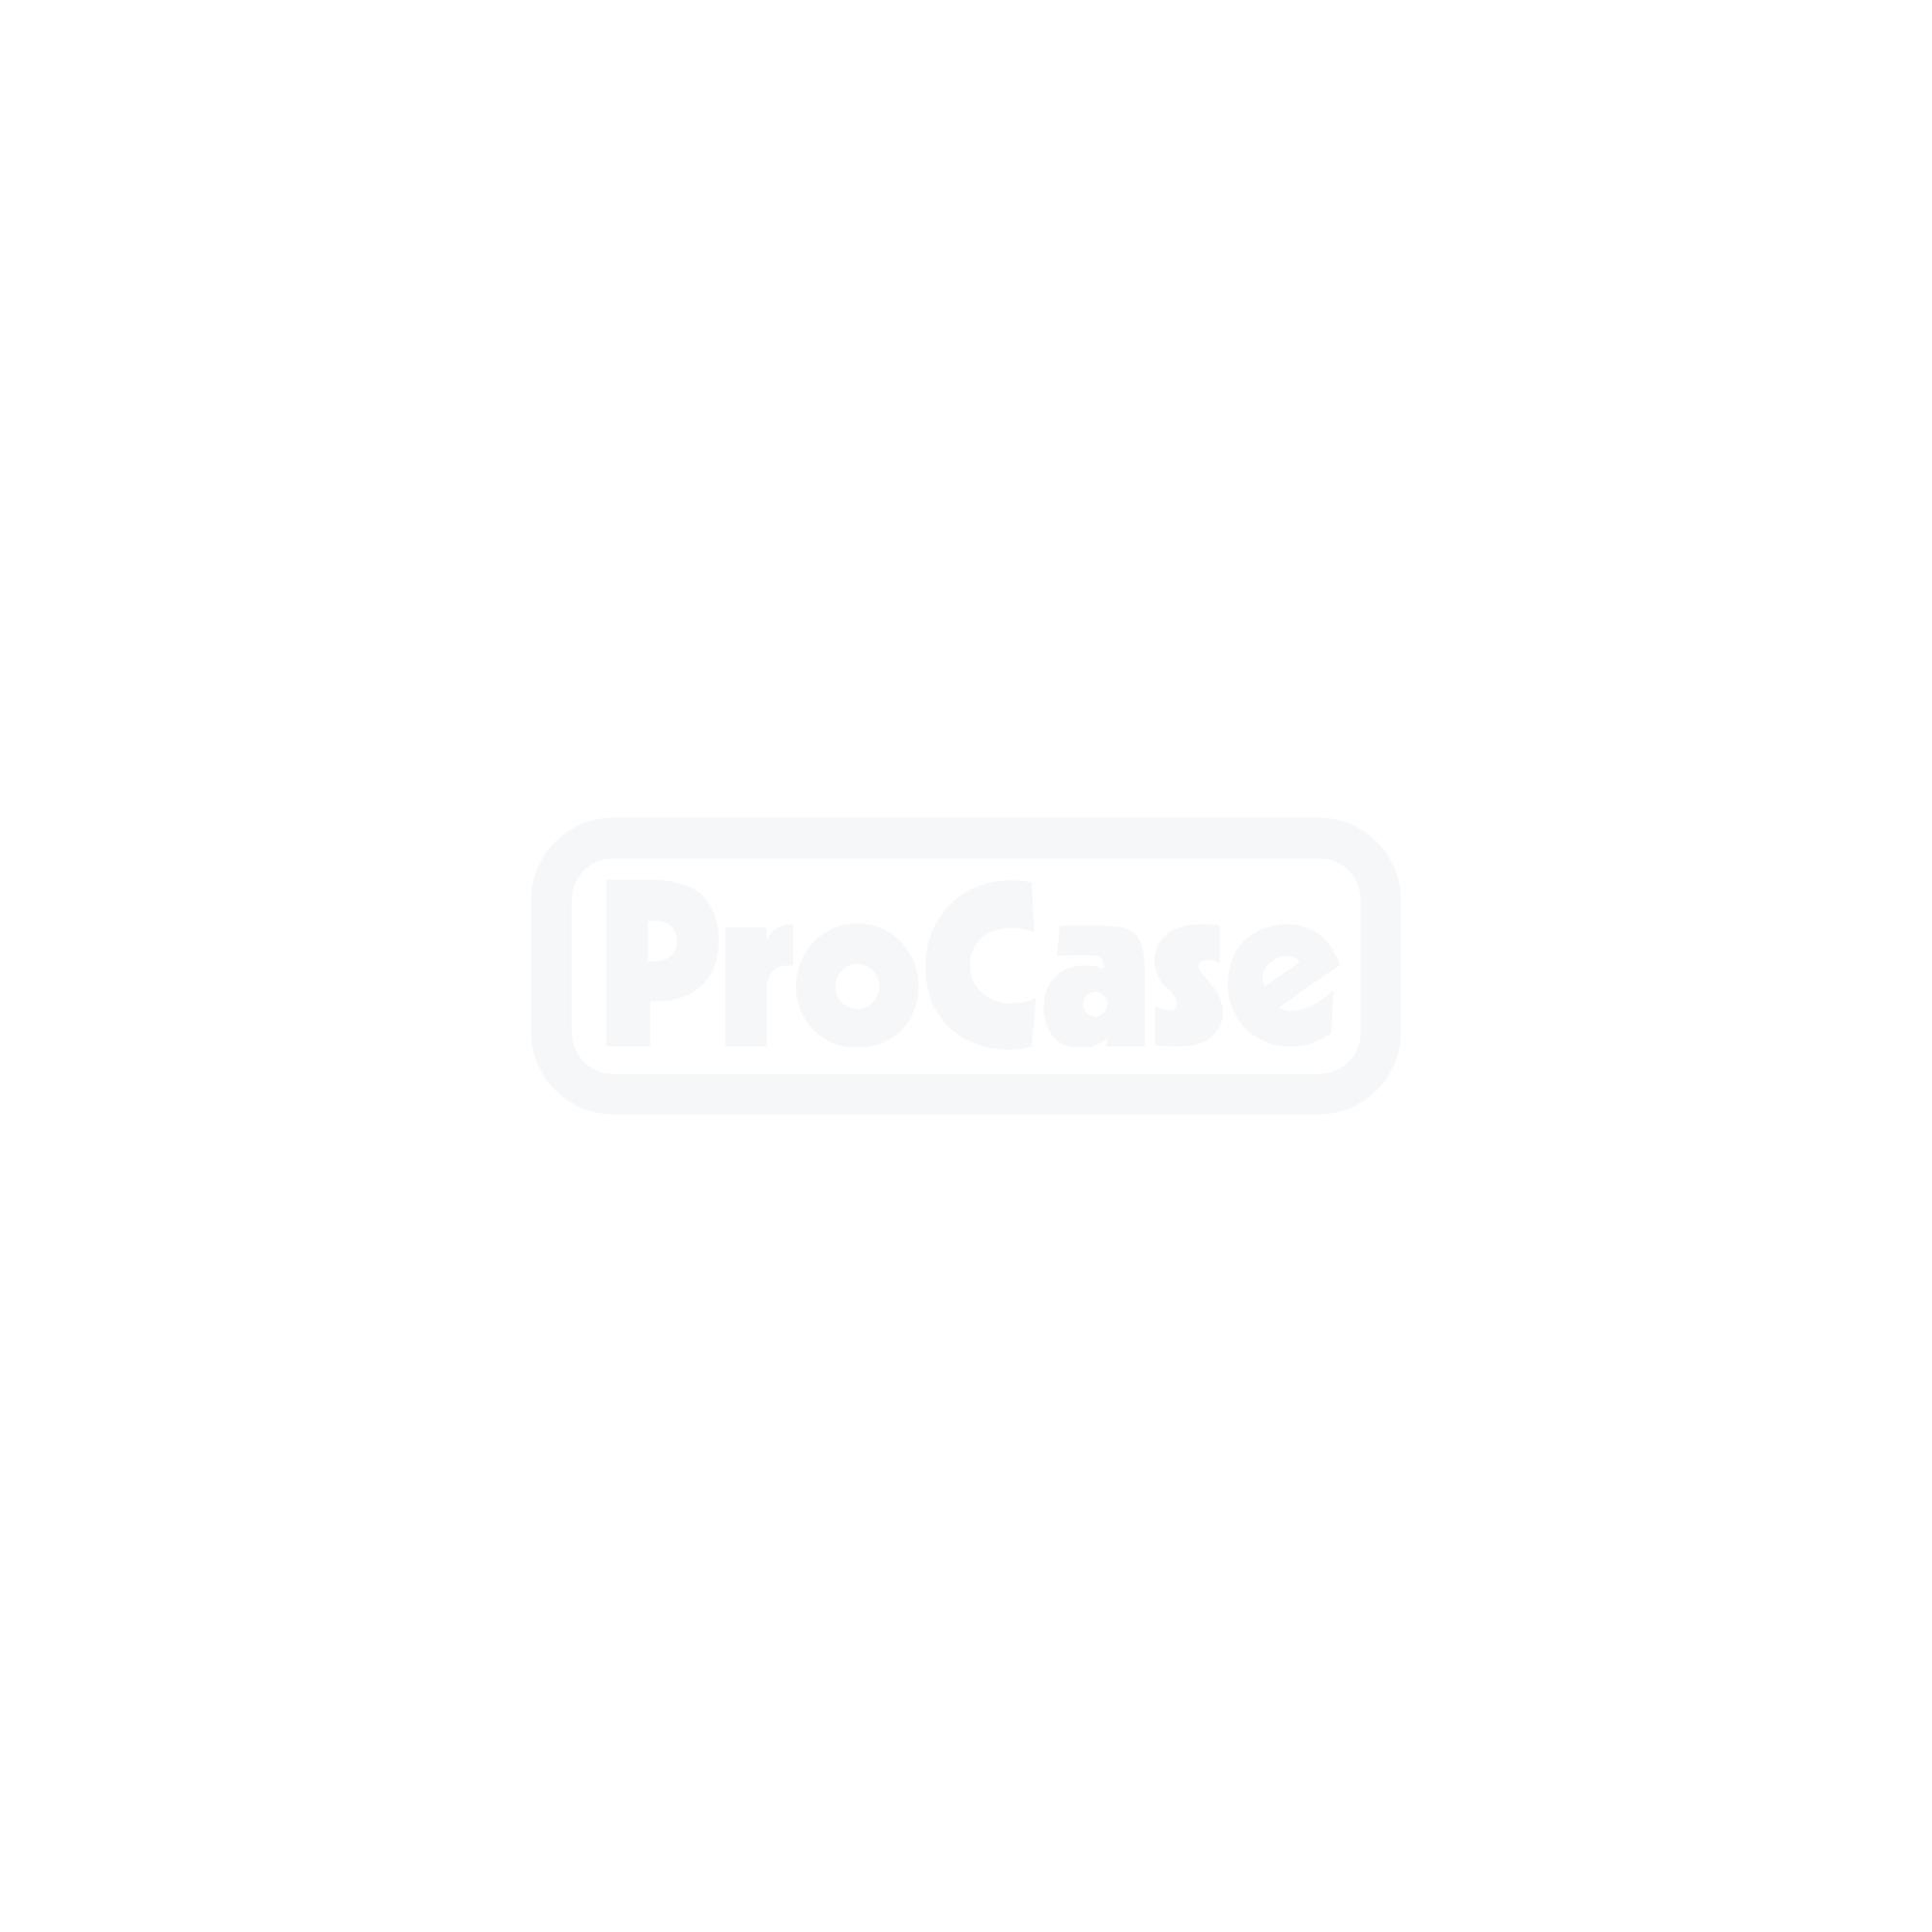 QSD-Rack 12HE 600 mm tief 2